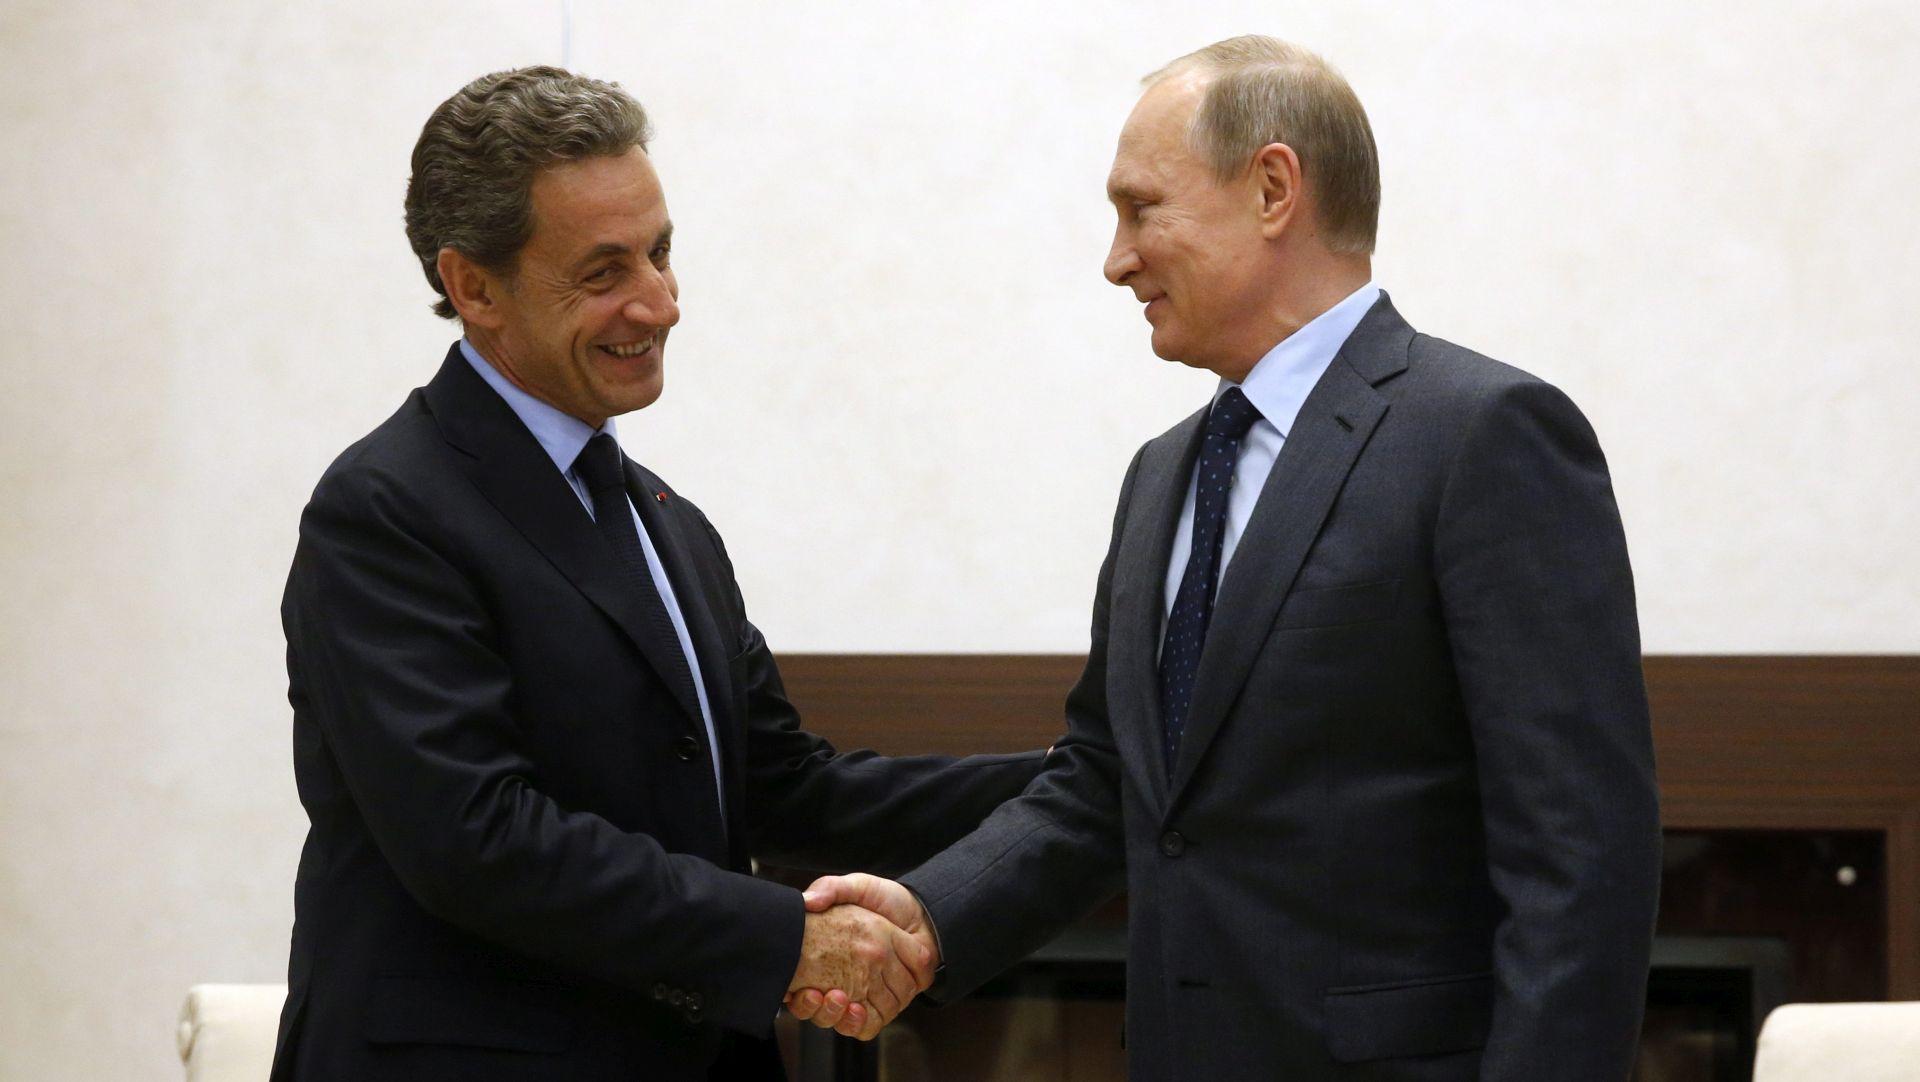 Sarkozy doživio kritike zbog posjeta Putinu